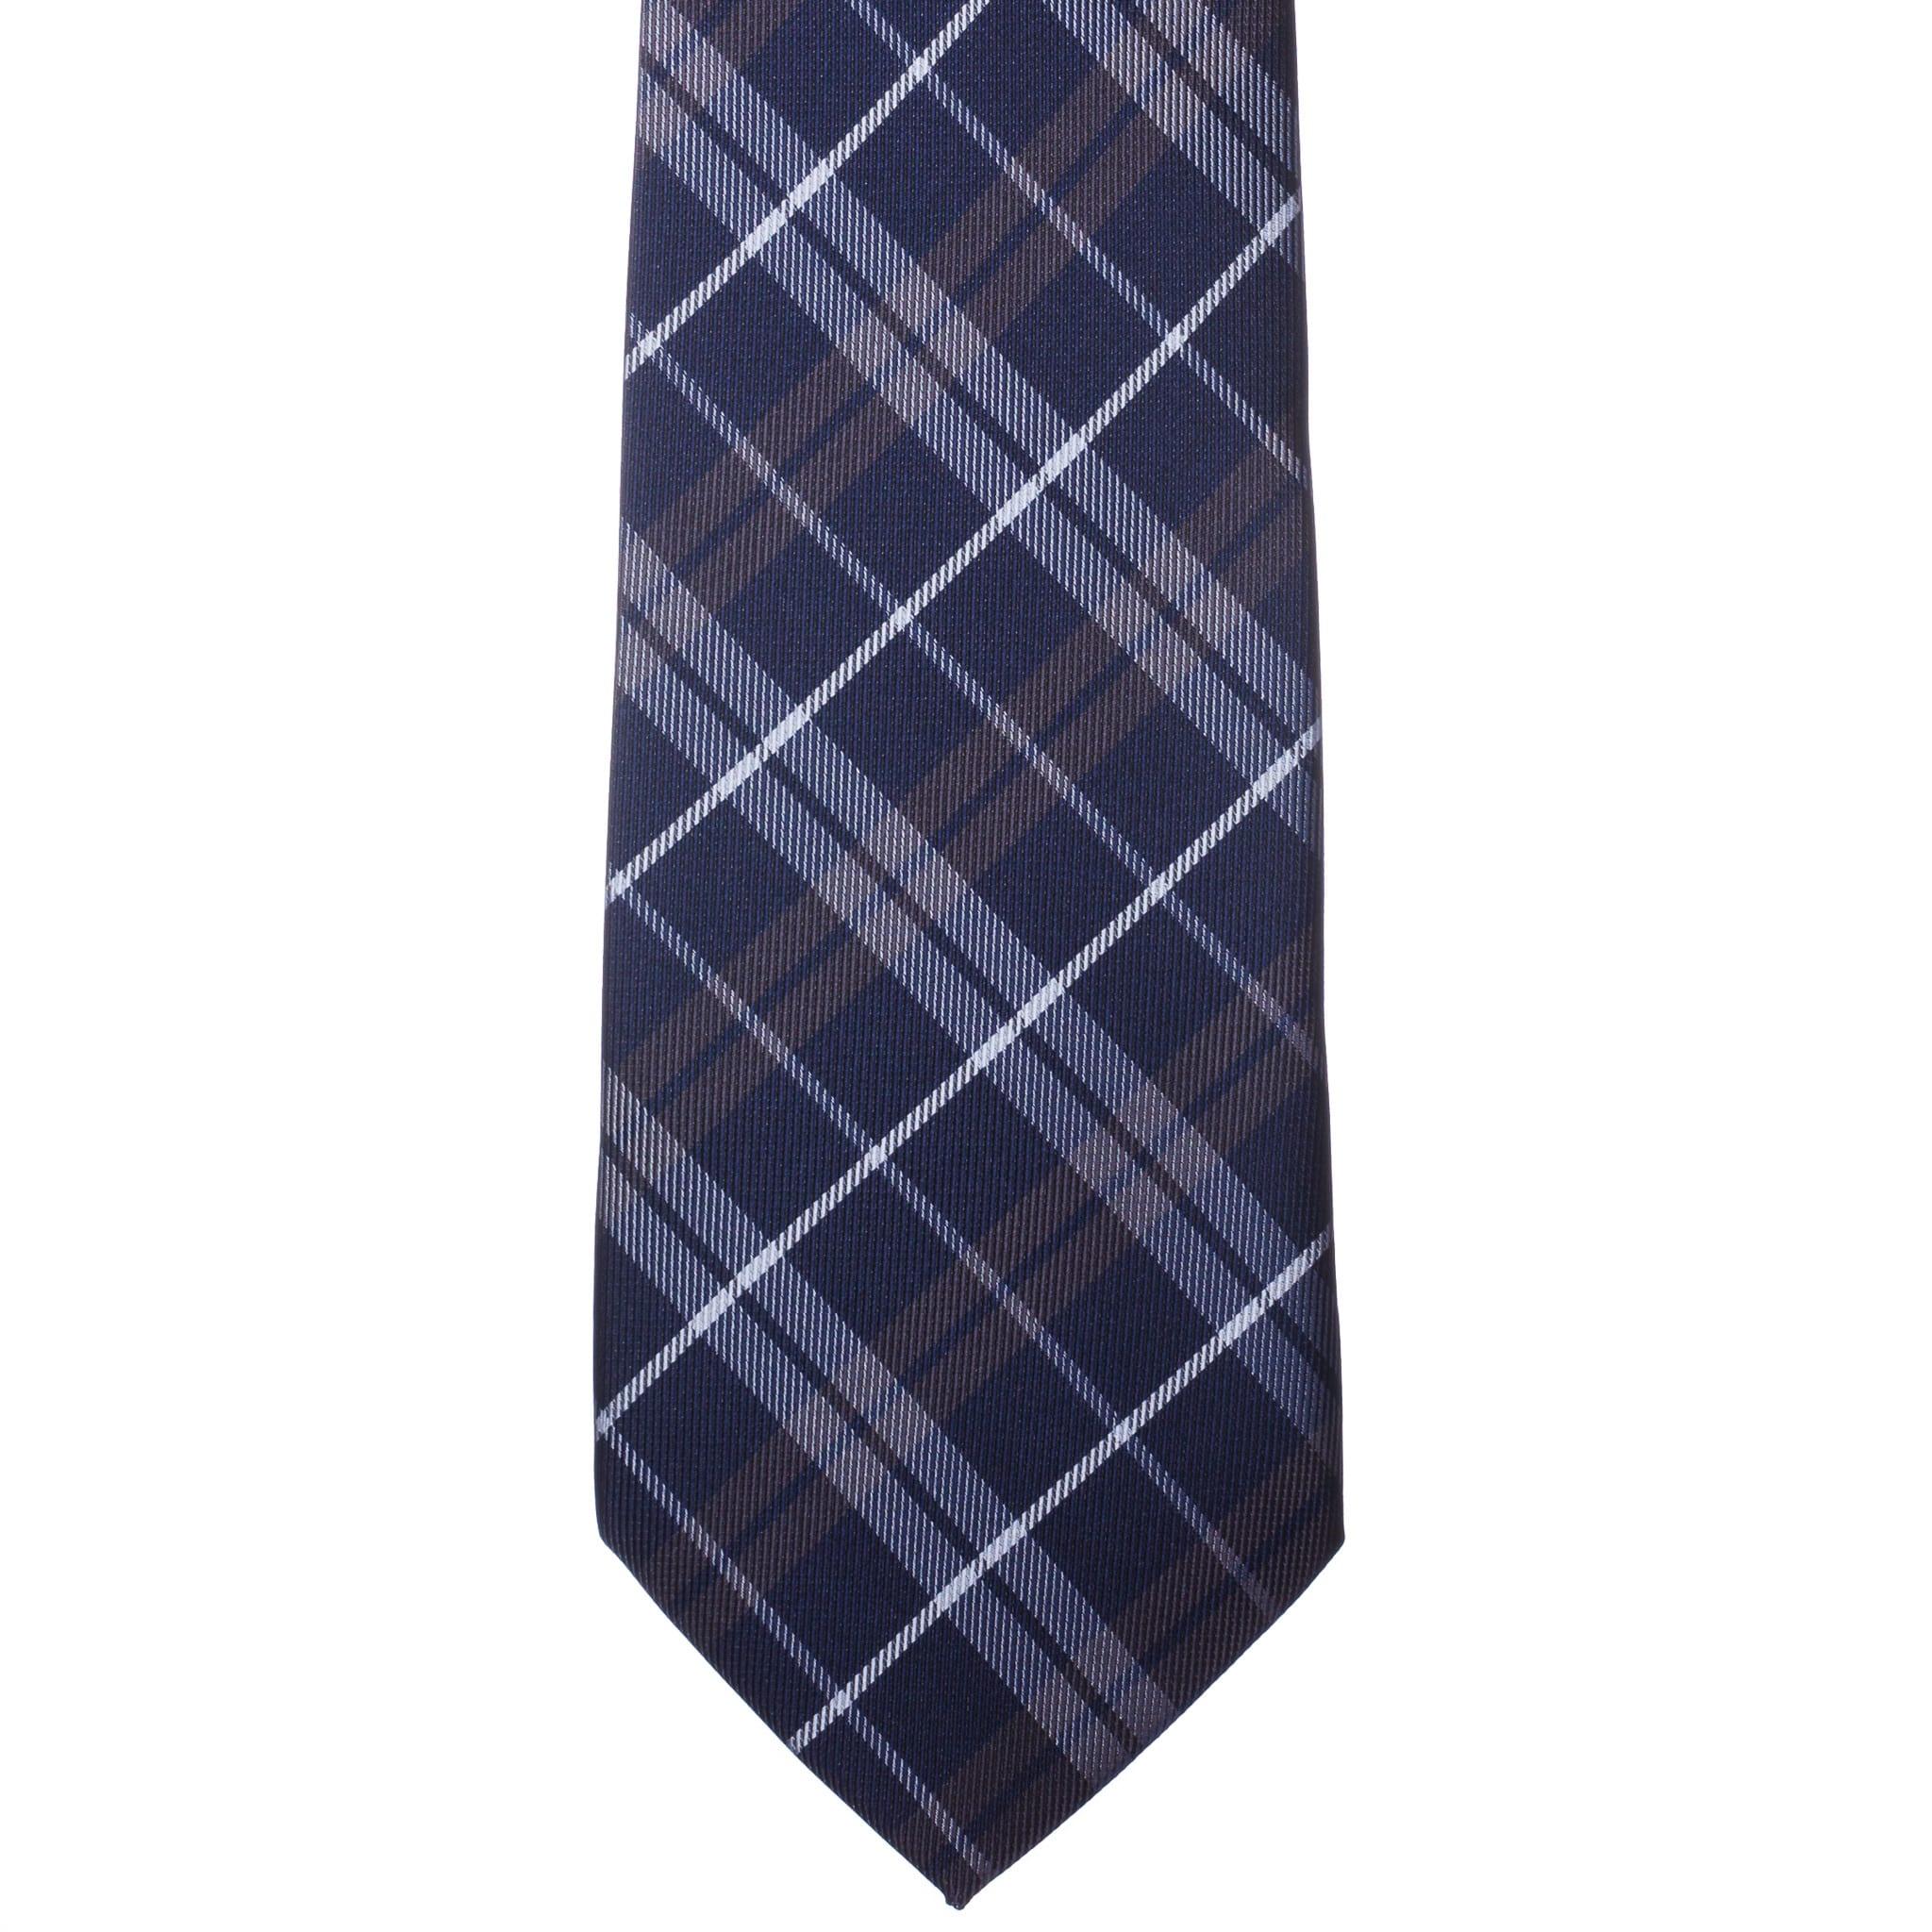 Kék fehér-sárga kockás nyakkendő